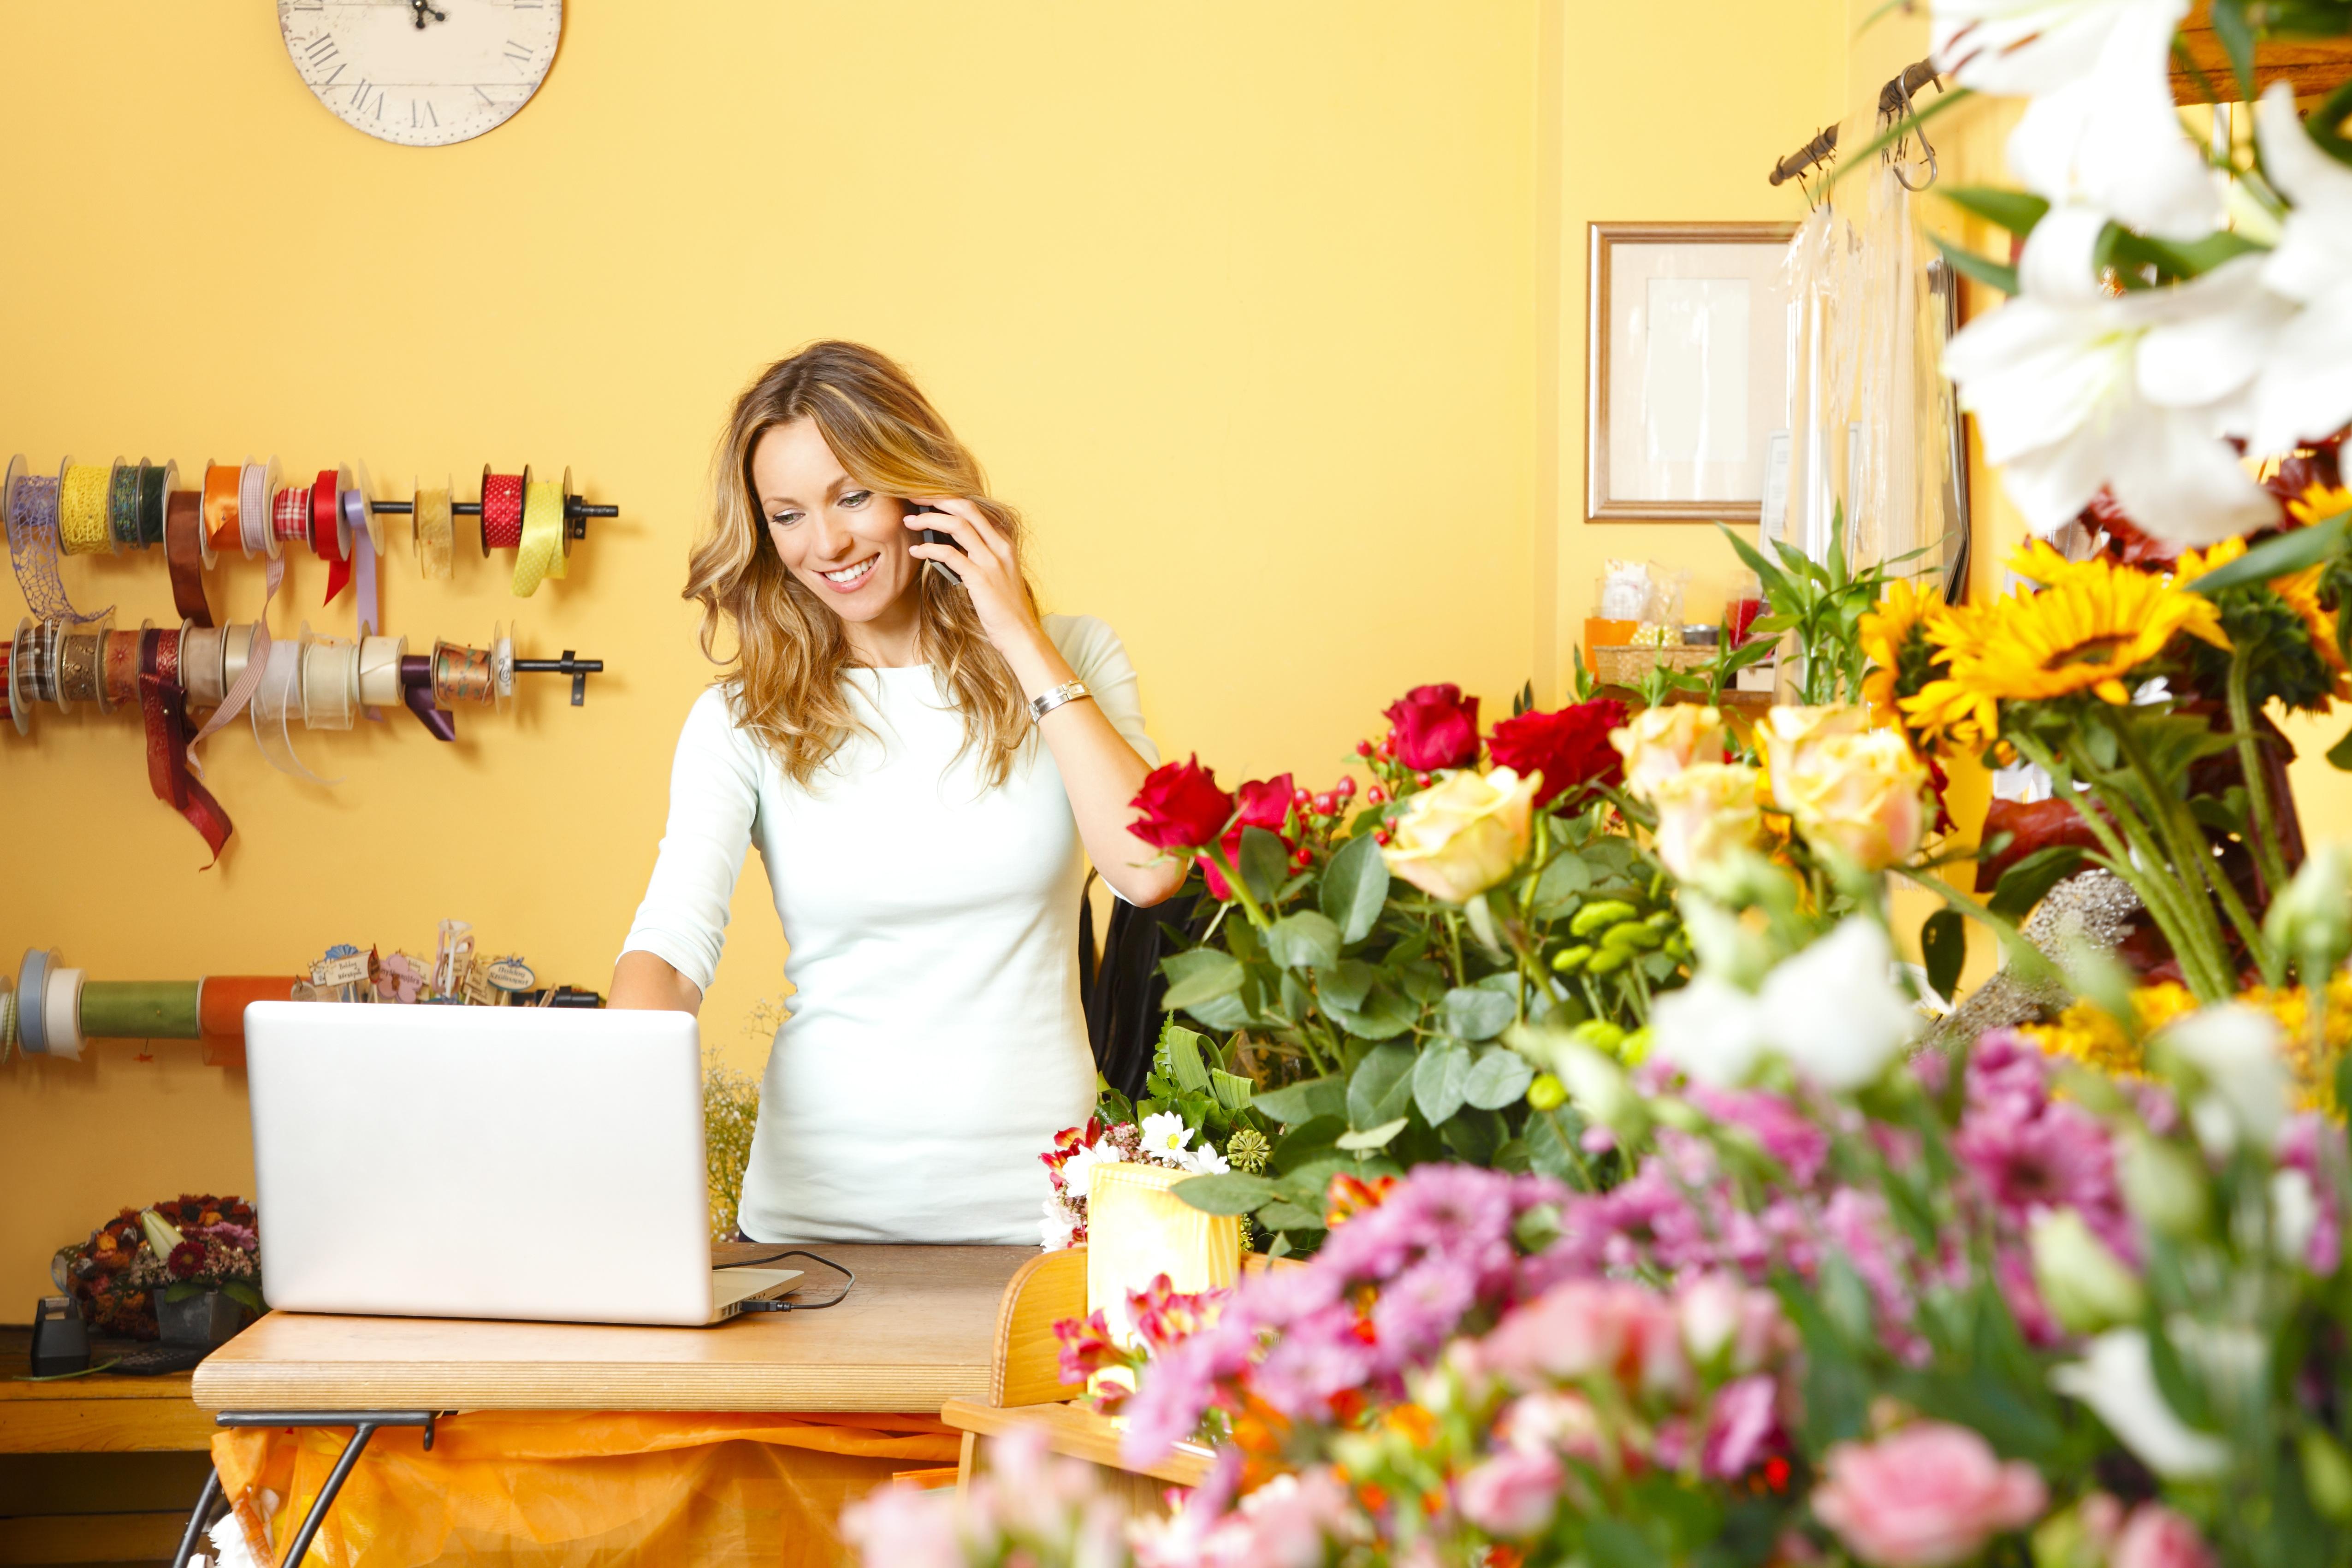 Kwiaciarka z telefonem i przy komputerze